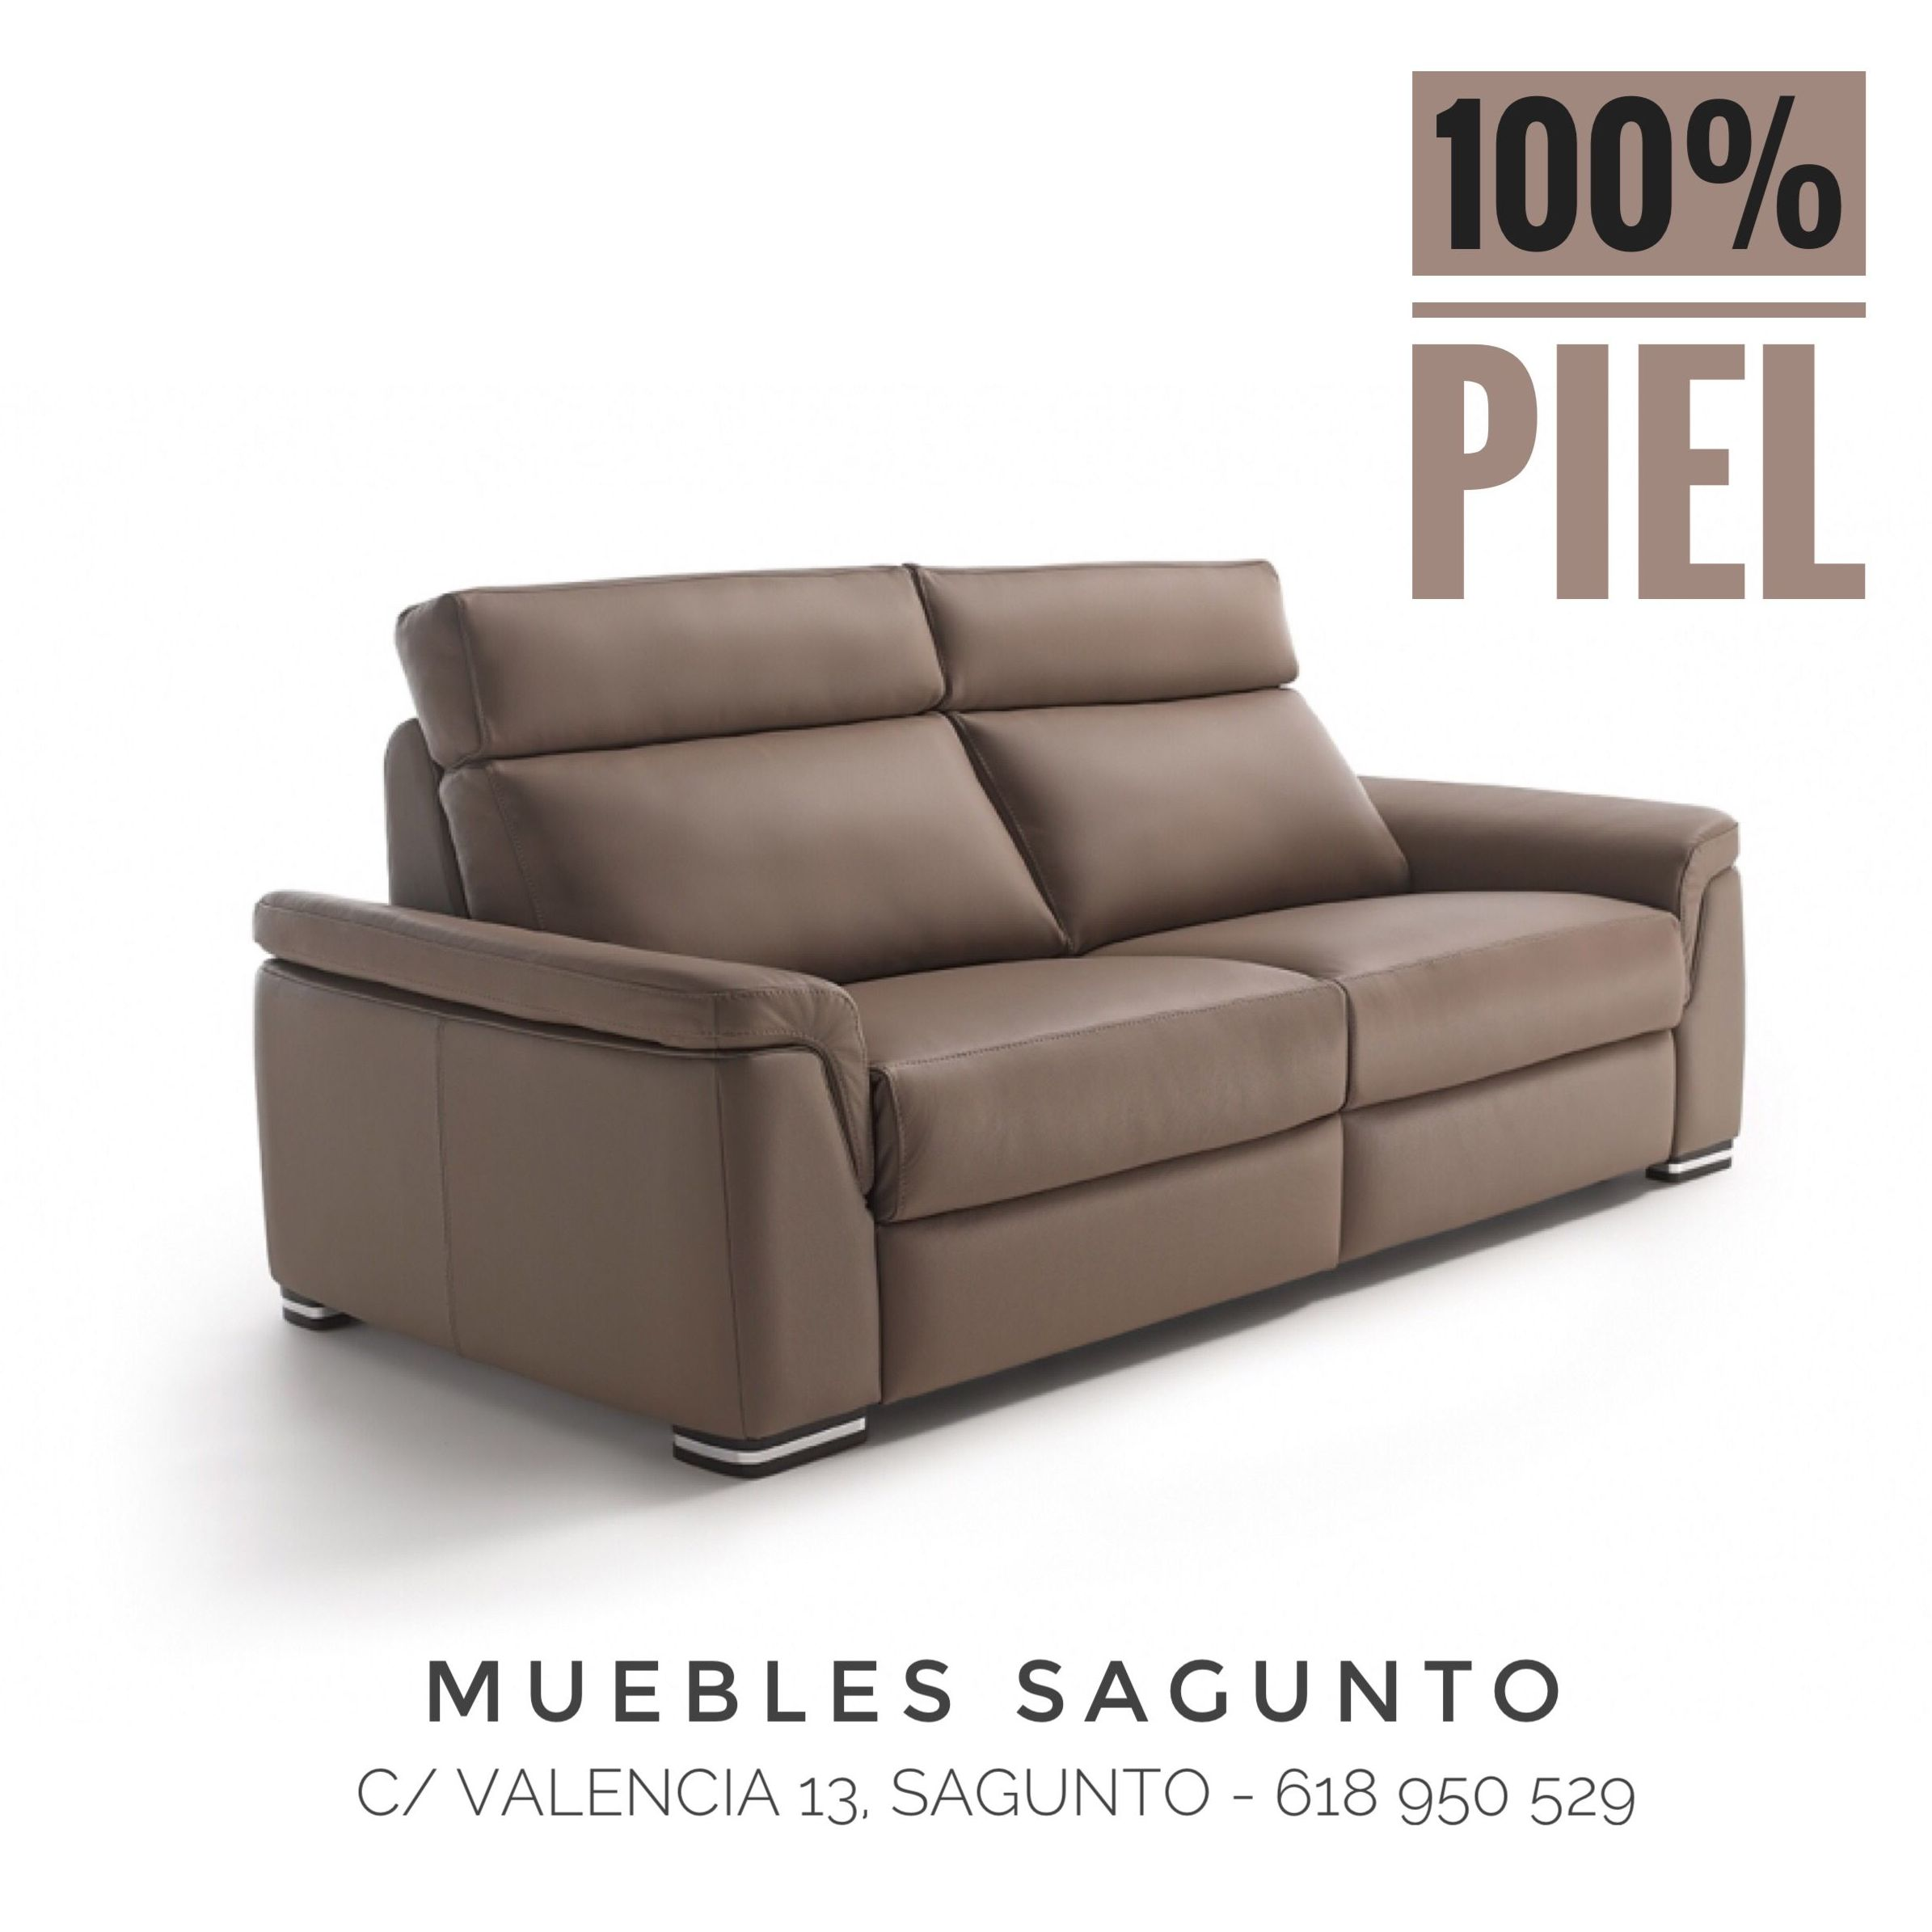 Sofás de Piel en Muebles Sagunto